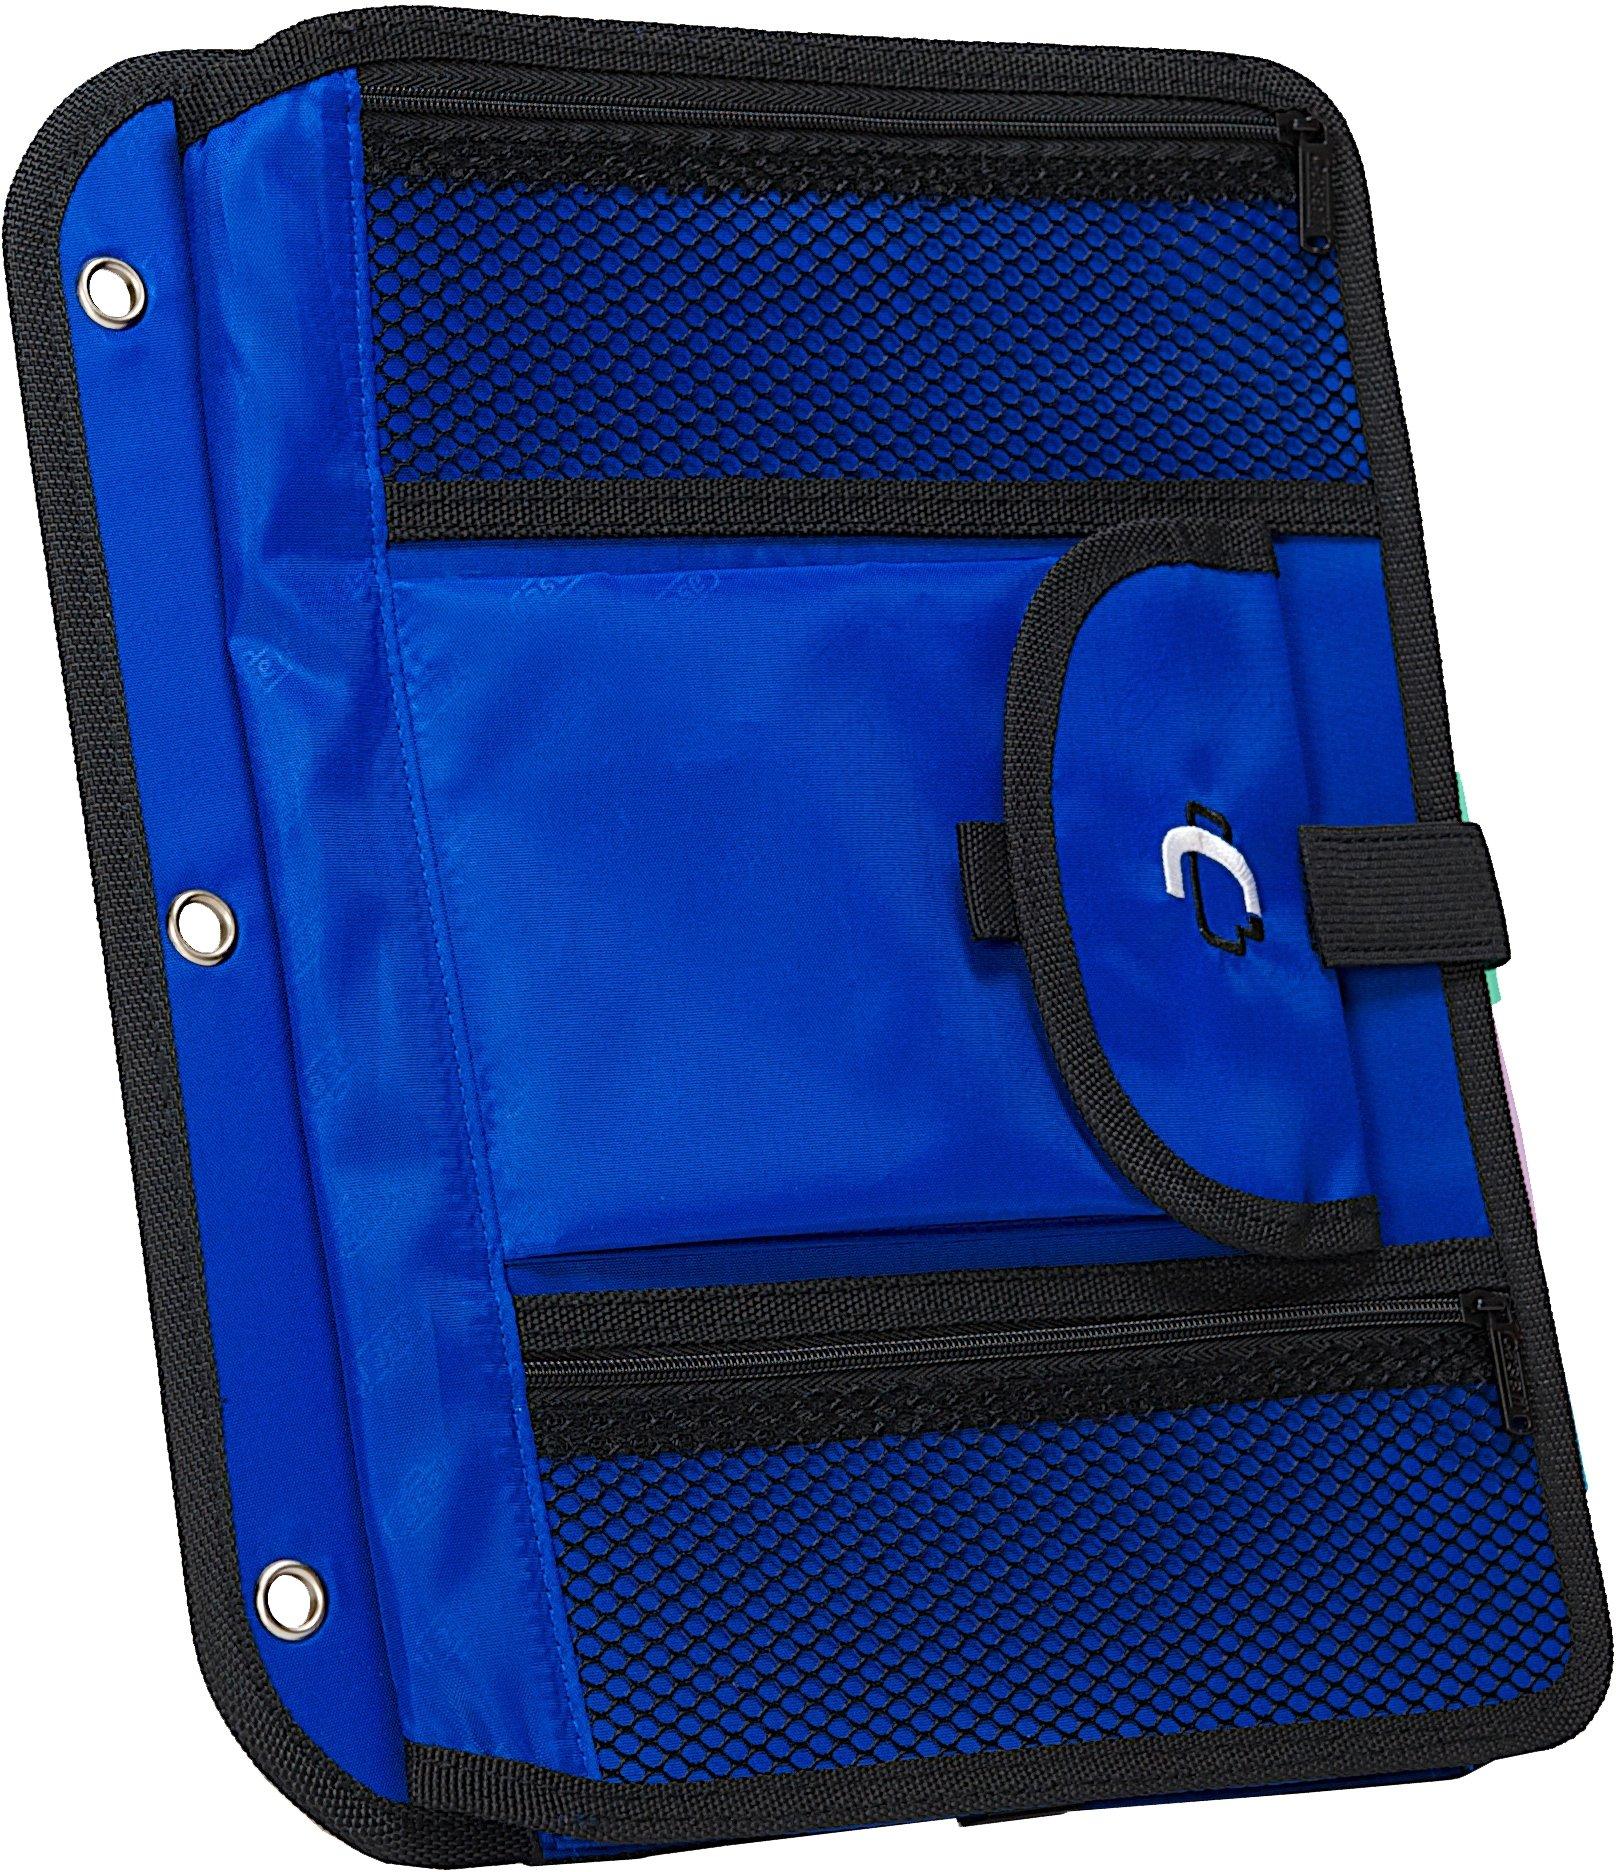 Case-it Locker Accessory 5-Tab File, Blue, ACC-21-BLU